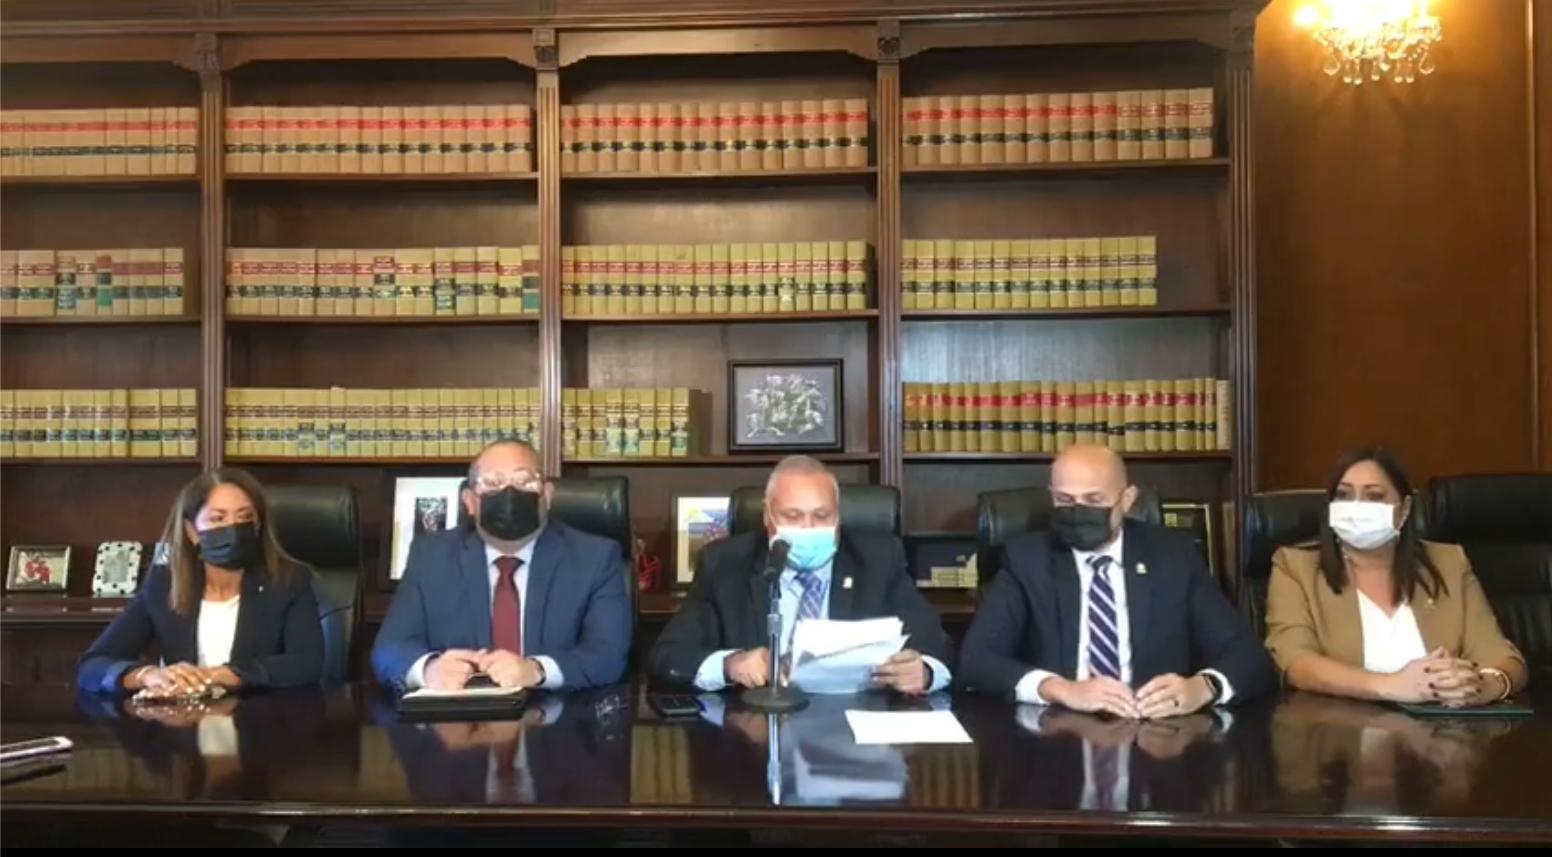 Alcaldes del sur y legisladores molestos con propuesto aumento en peajes (Sonidos)